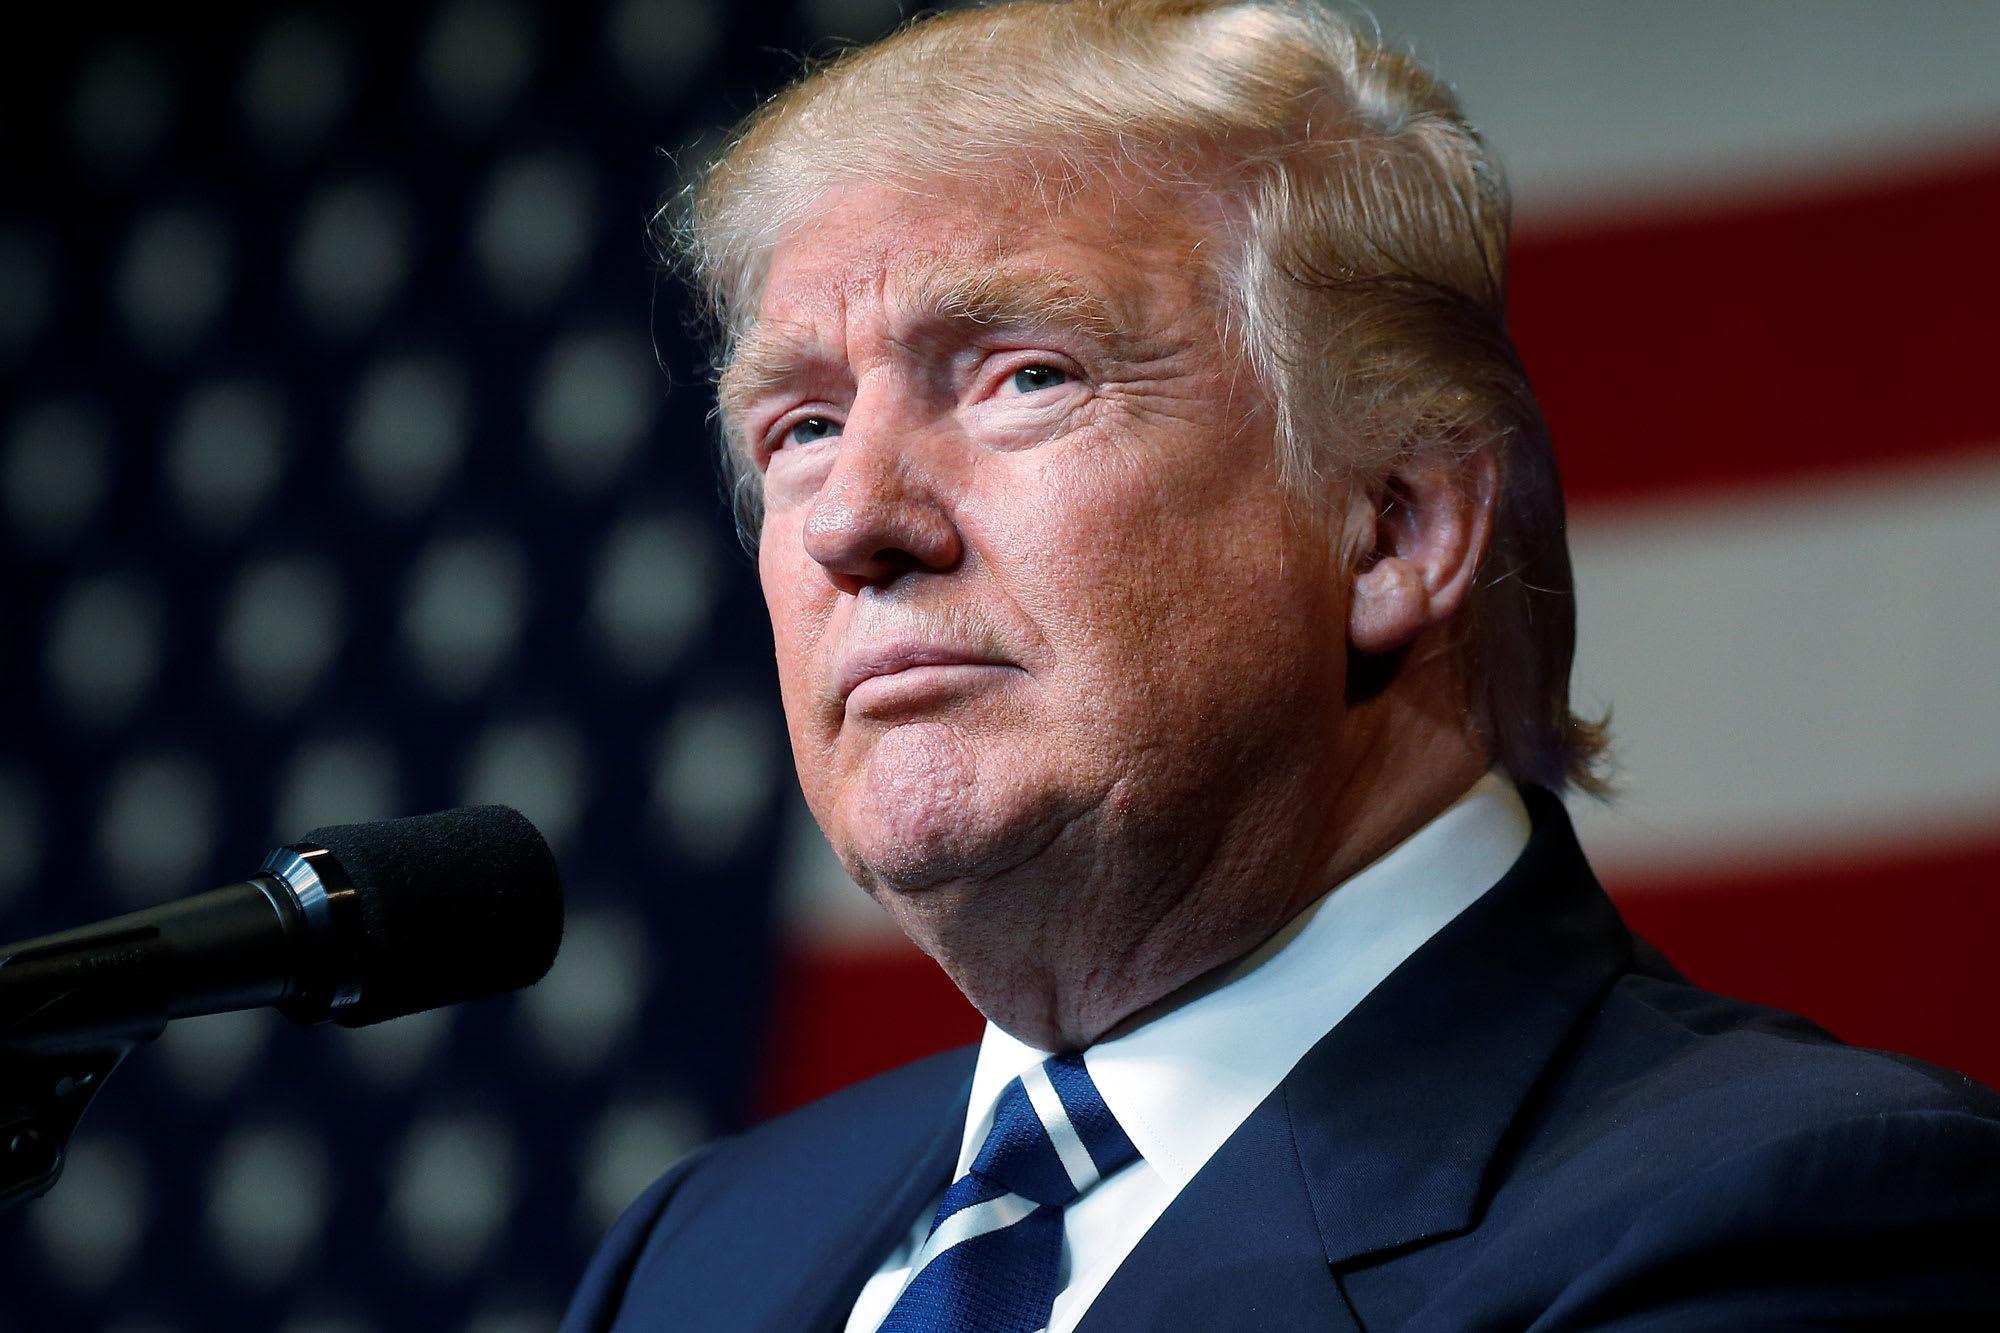 Trump'ın danışmanı serbest kaldı!